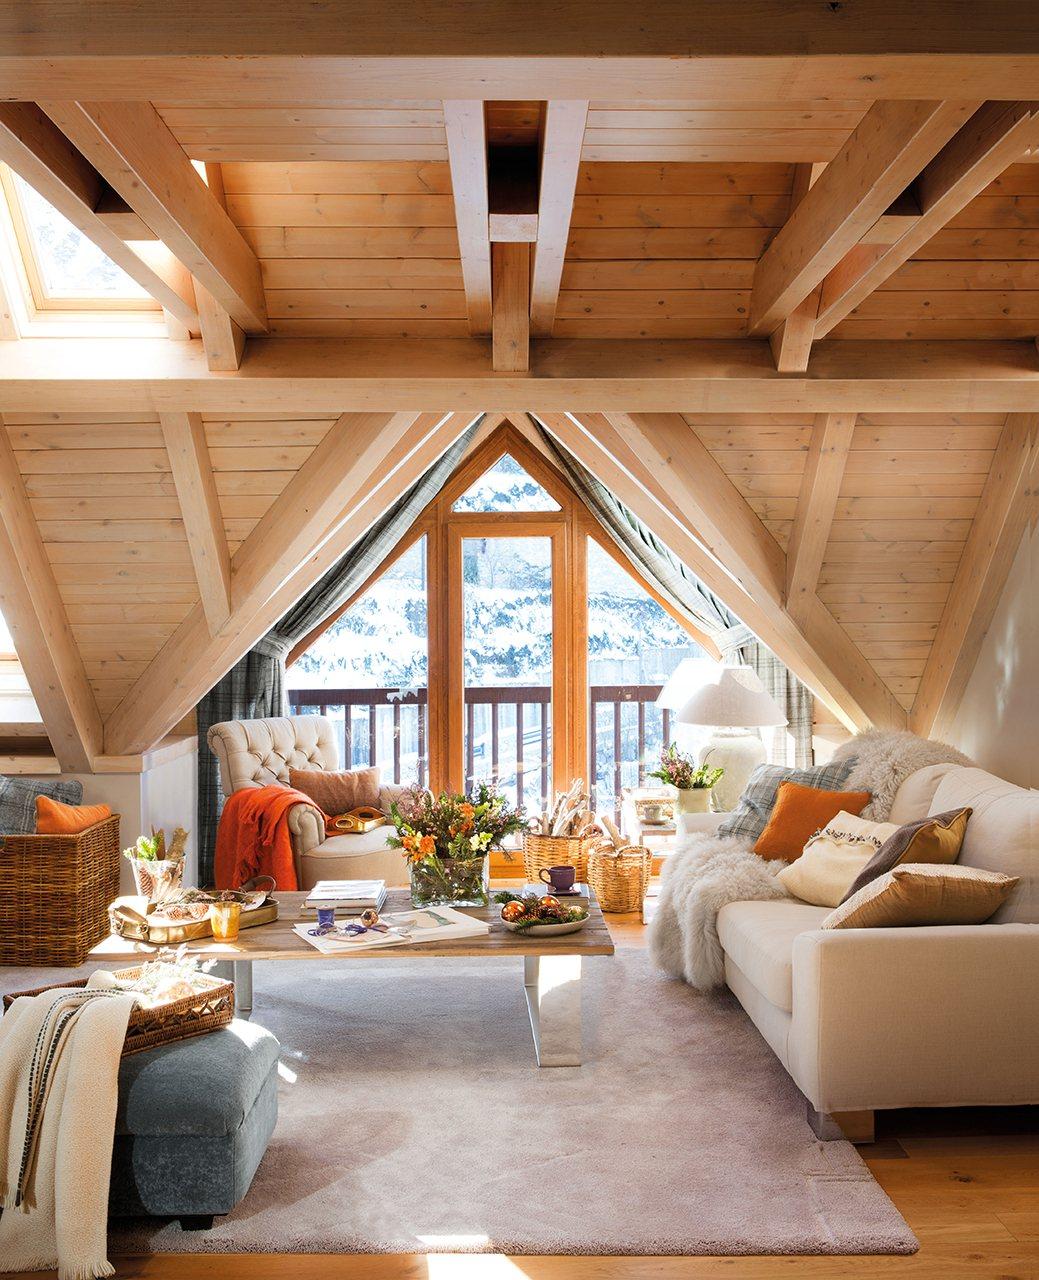 C mo crear un espacio relajado y c lido para una casita de - Tragaluces para tejados ...